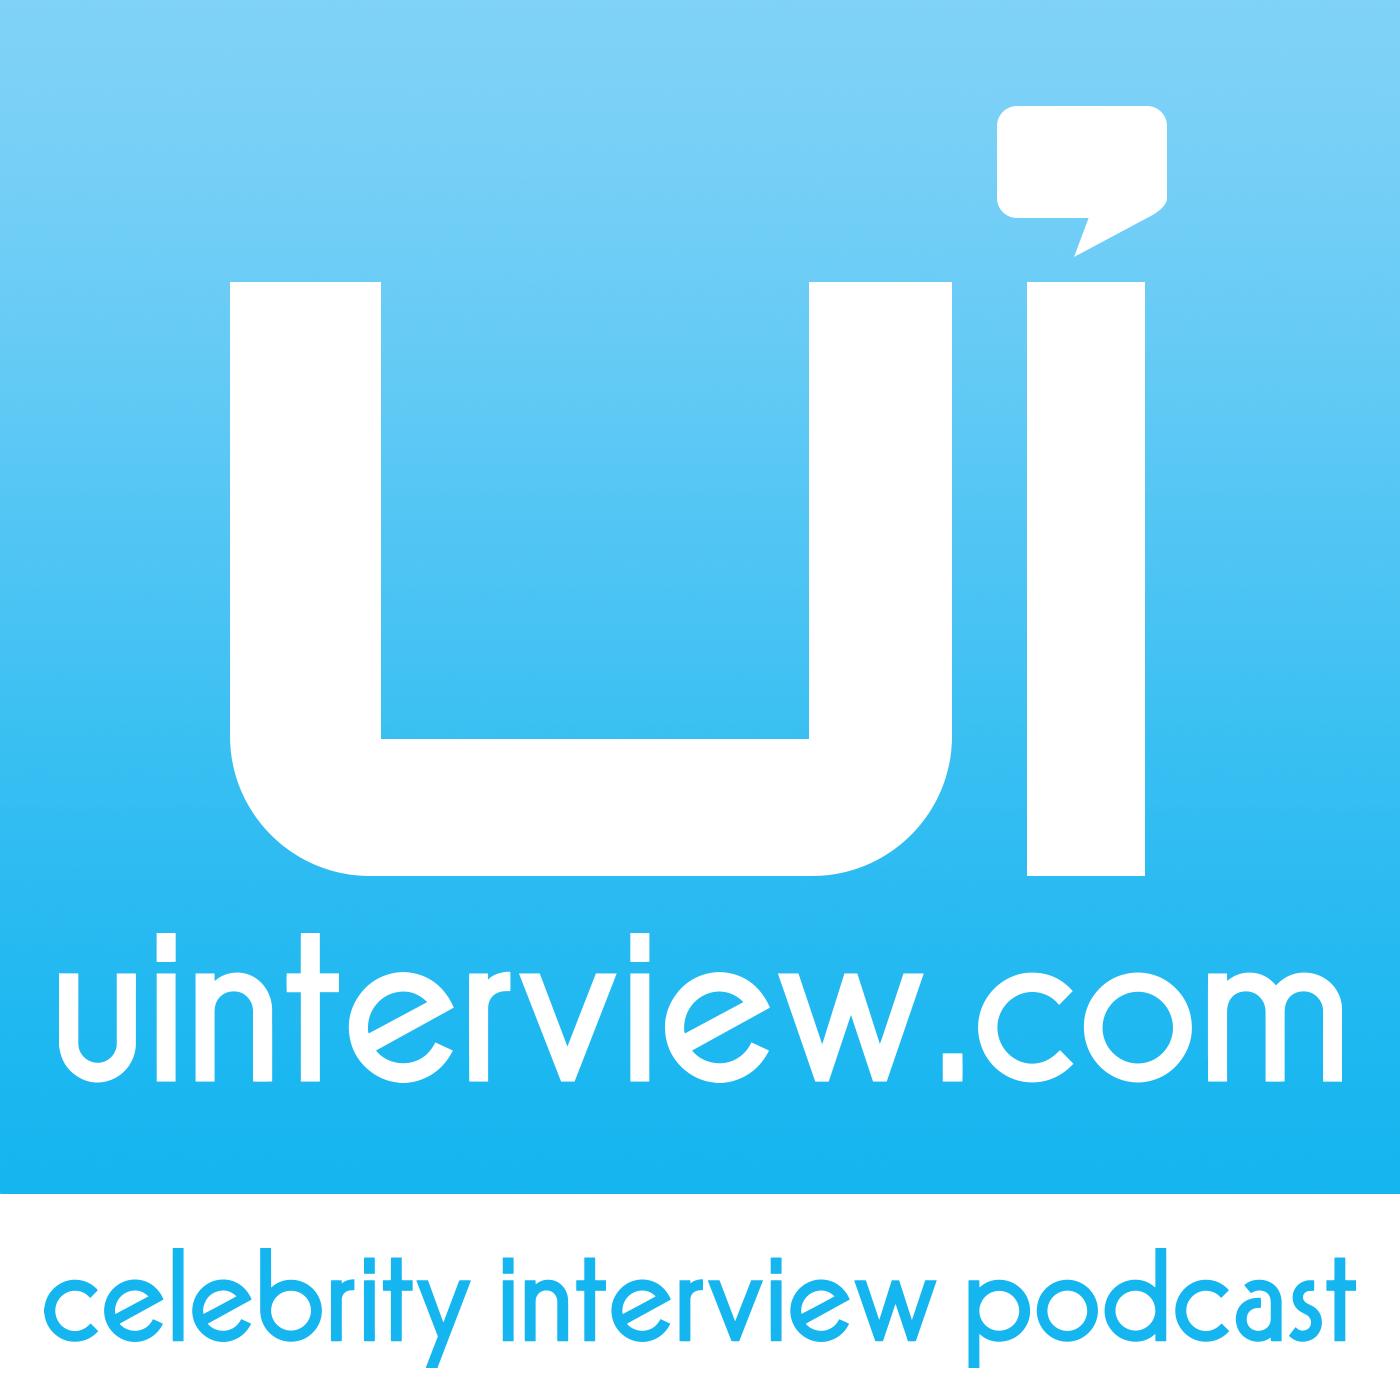 uInterview